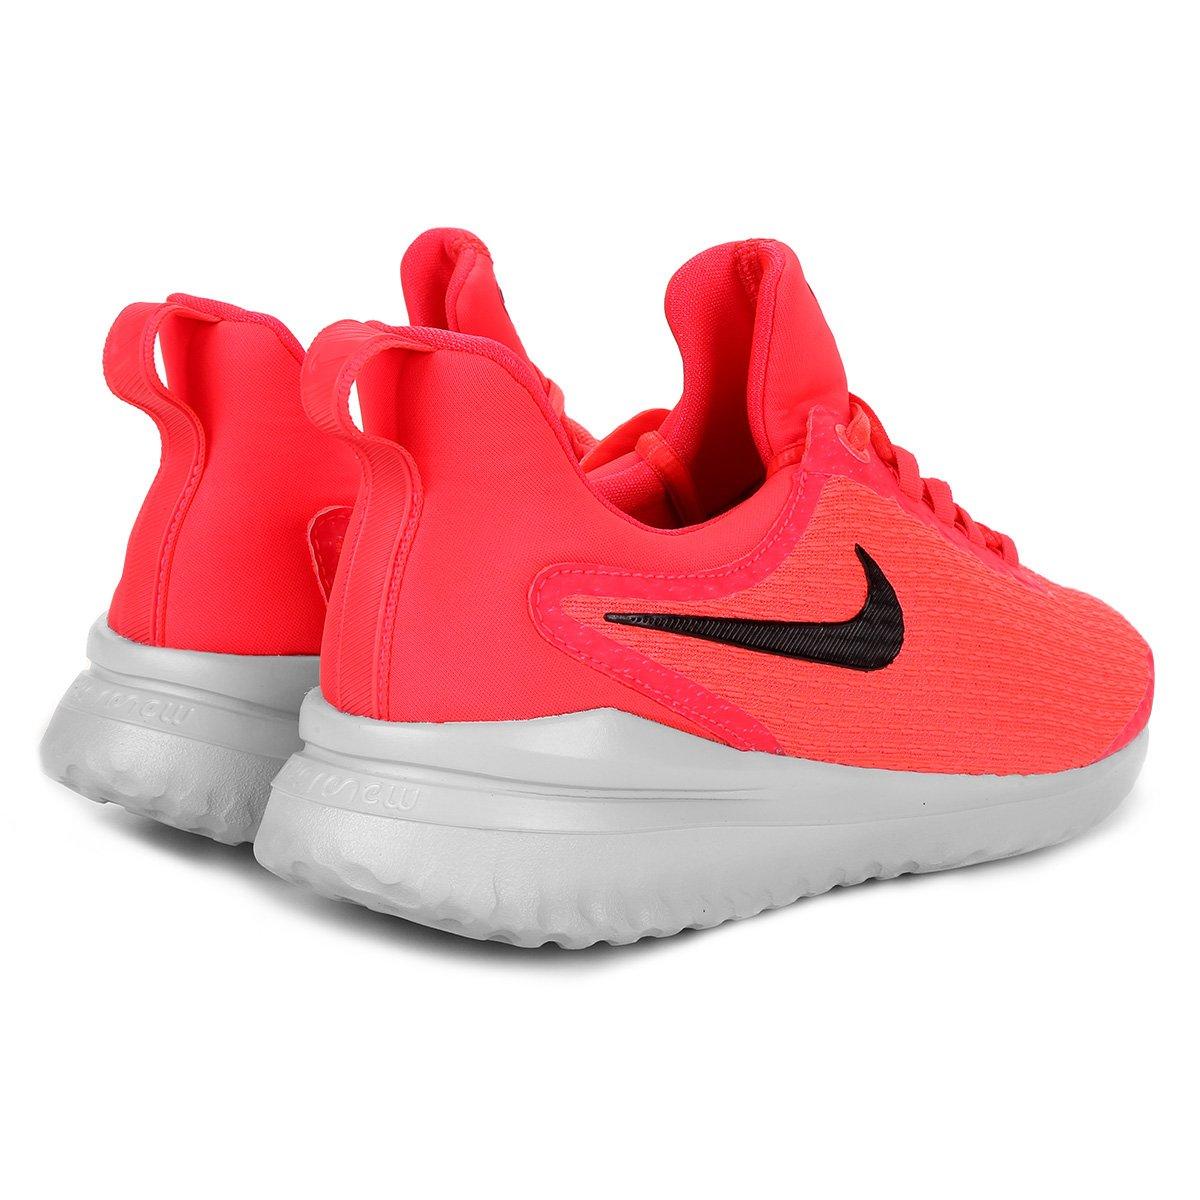 5b97eee5ad Tênis Nike Renew Rival Feminino